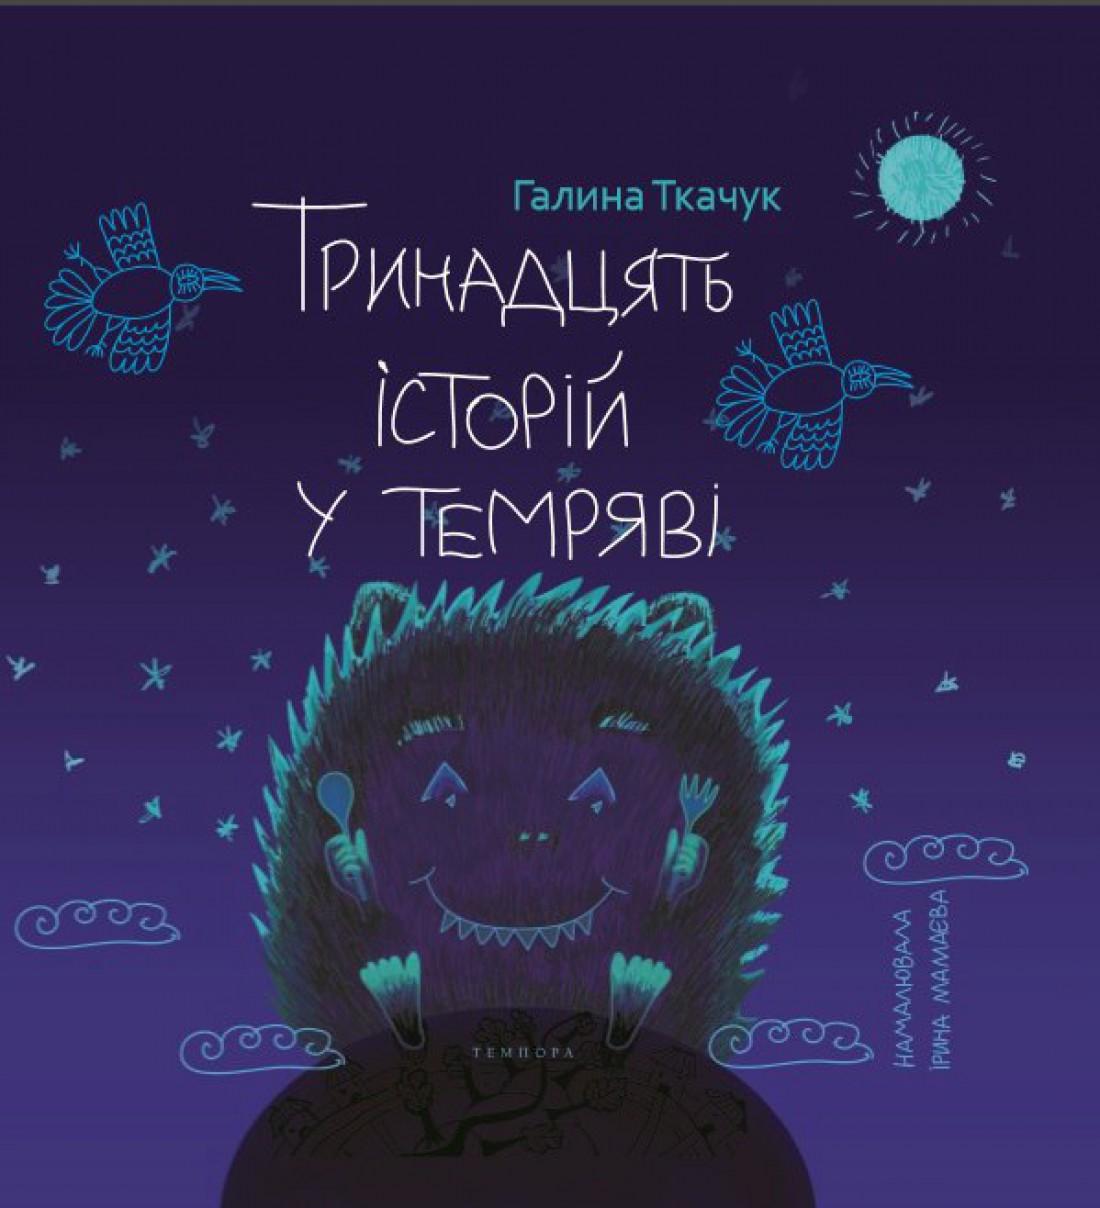 Тринадцять історій у темряві